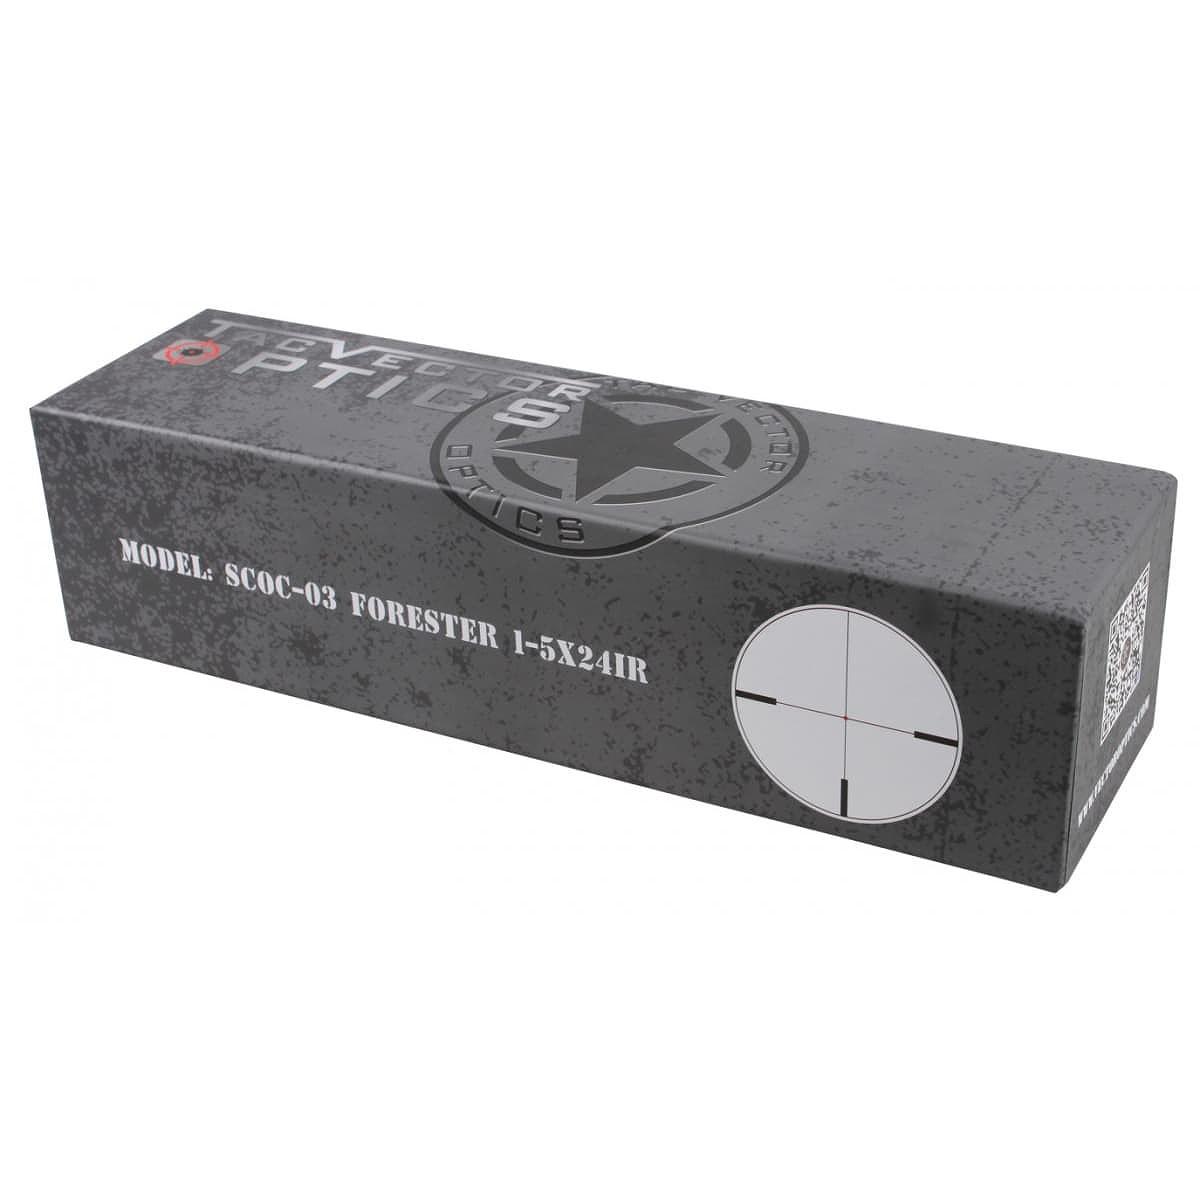 ベクターオプティクス ライフルスコープ Forester 1-5x24  Vector Optics SCOC-03